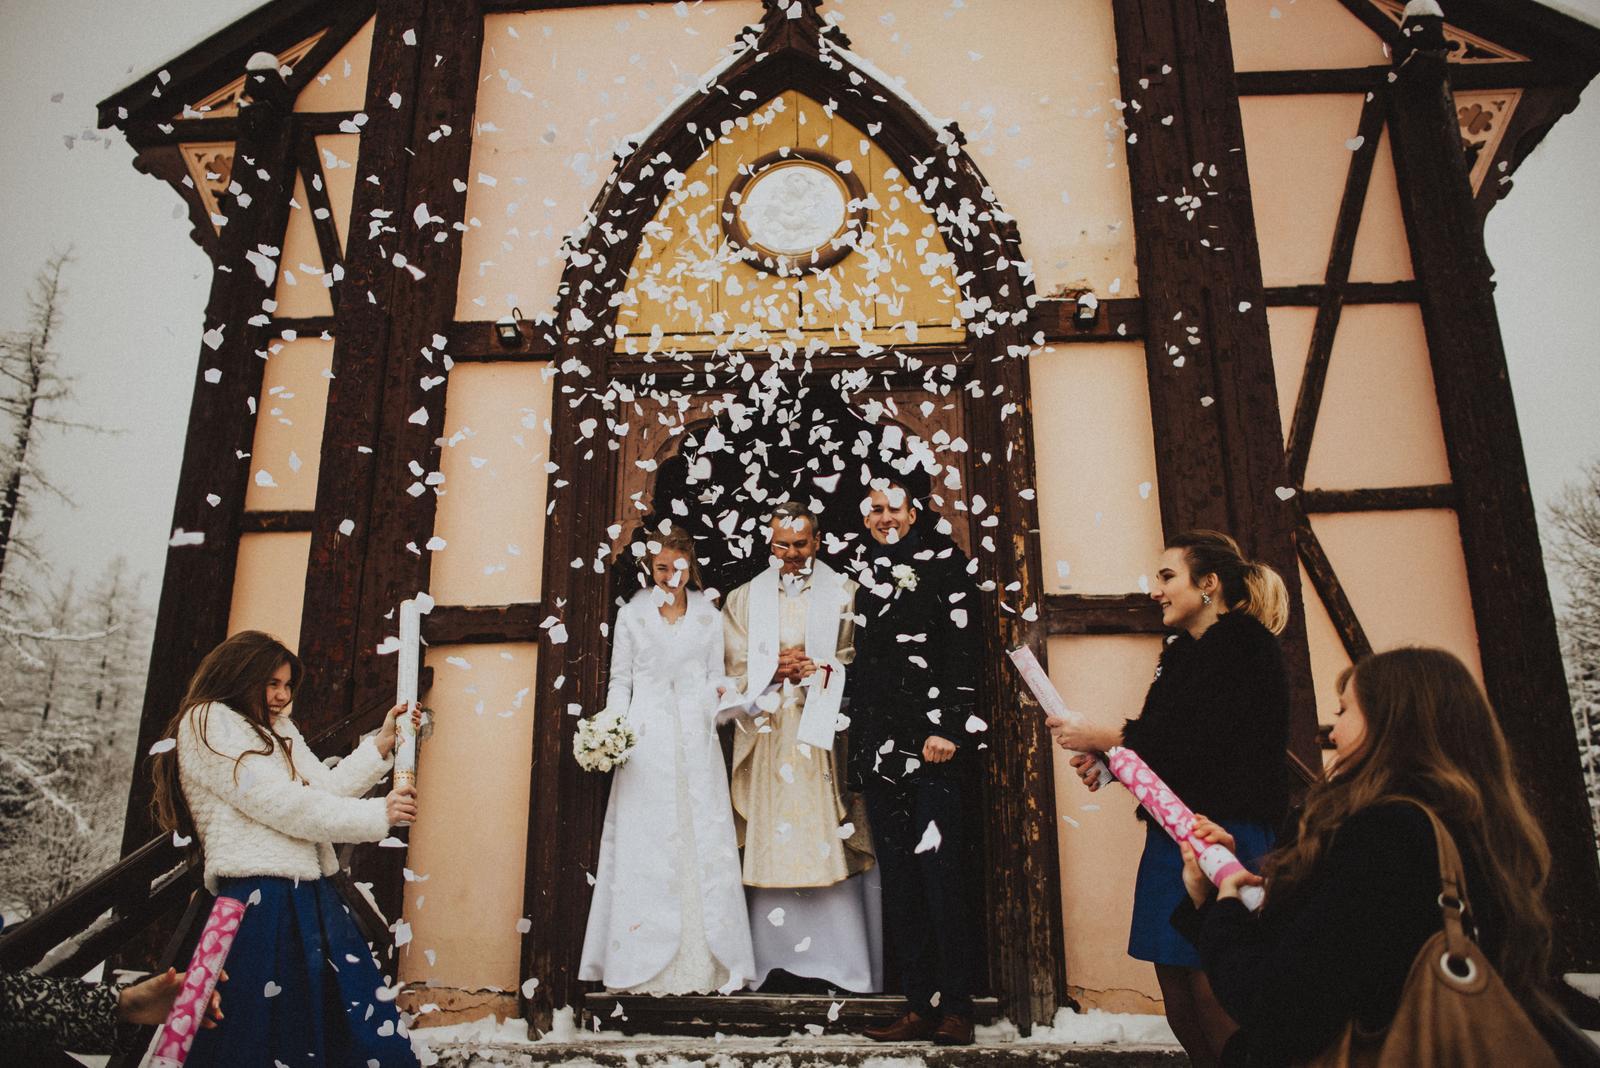 Tatranská zimná svadba - ola!